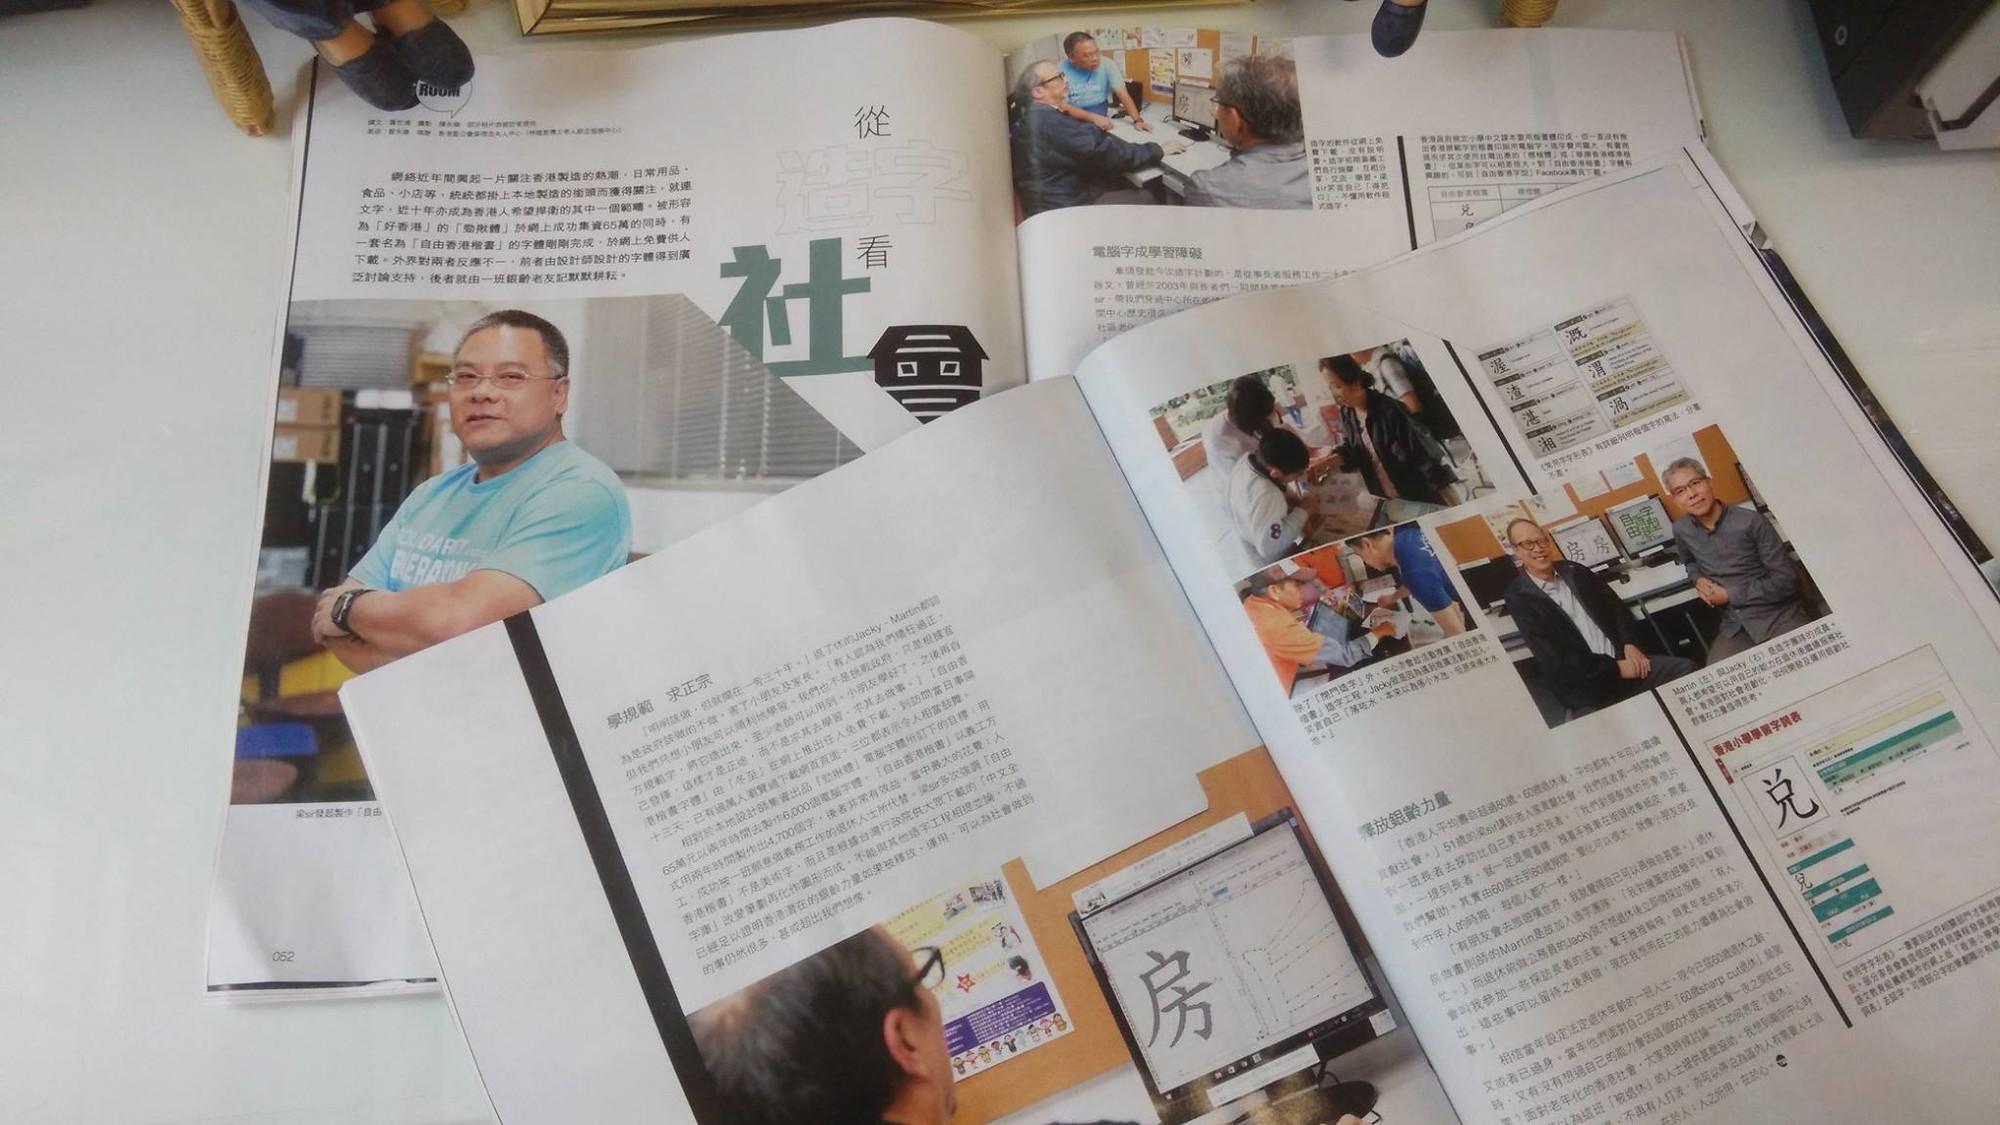 「從造字看社會」-TVB周刊訪問